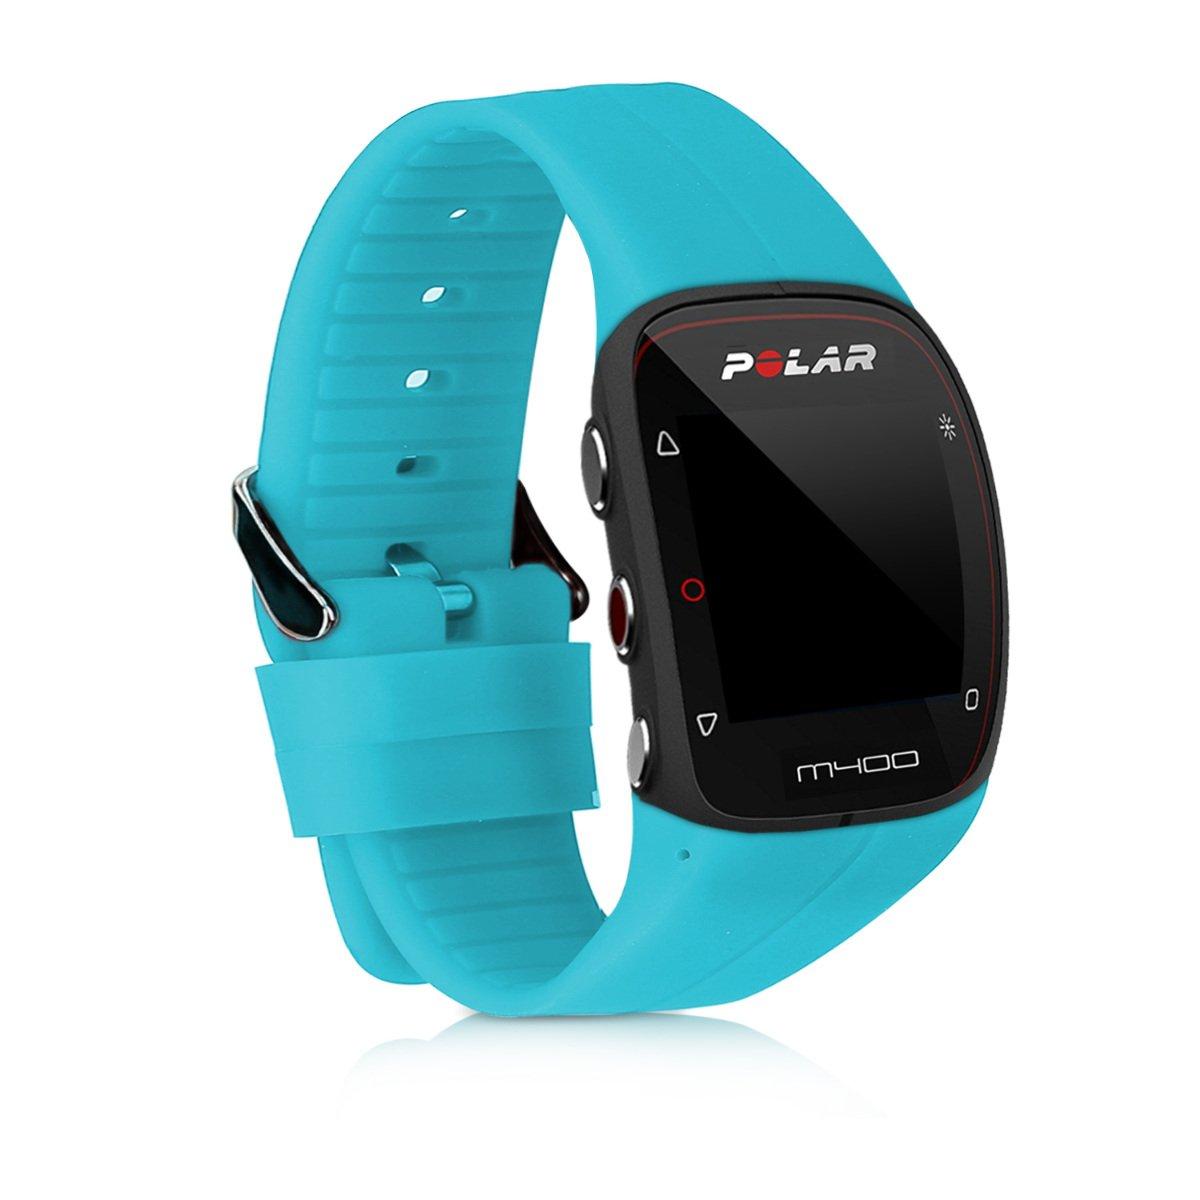 kwmobile Pulsera para Polar M400 / M430 - Brazalete de Silicona en Azul Claro sin Fitness Tracker